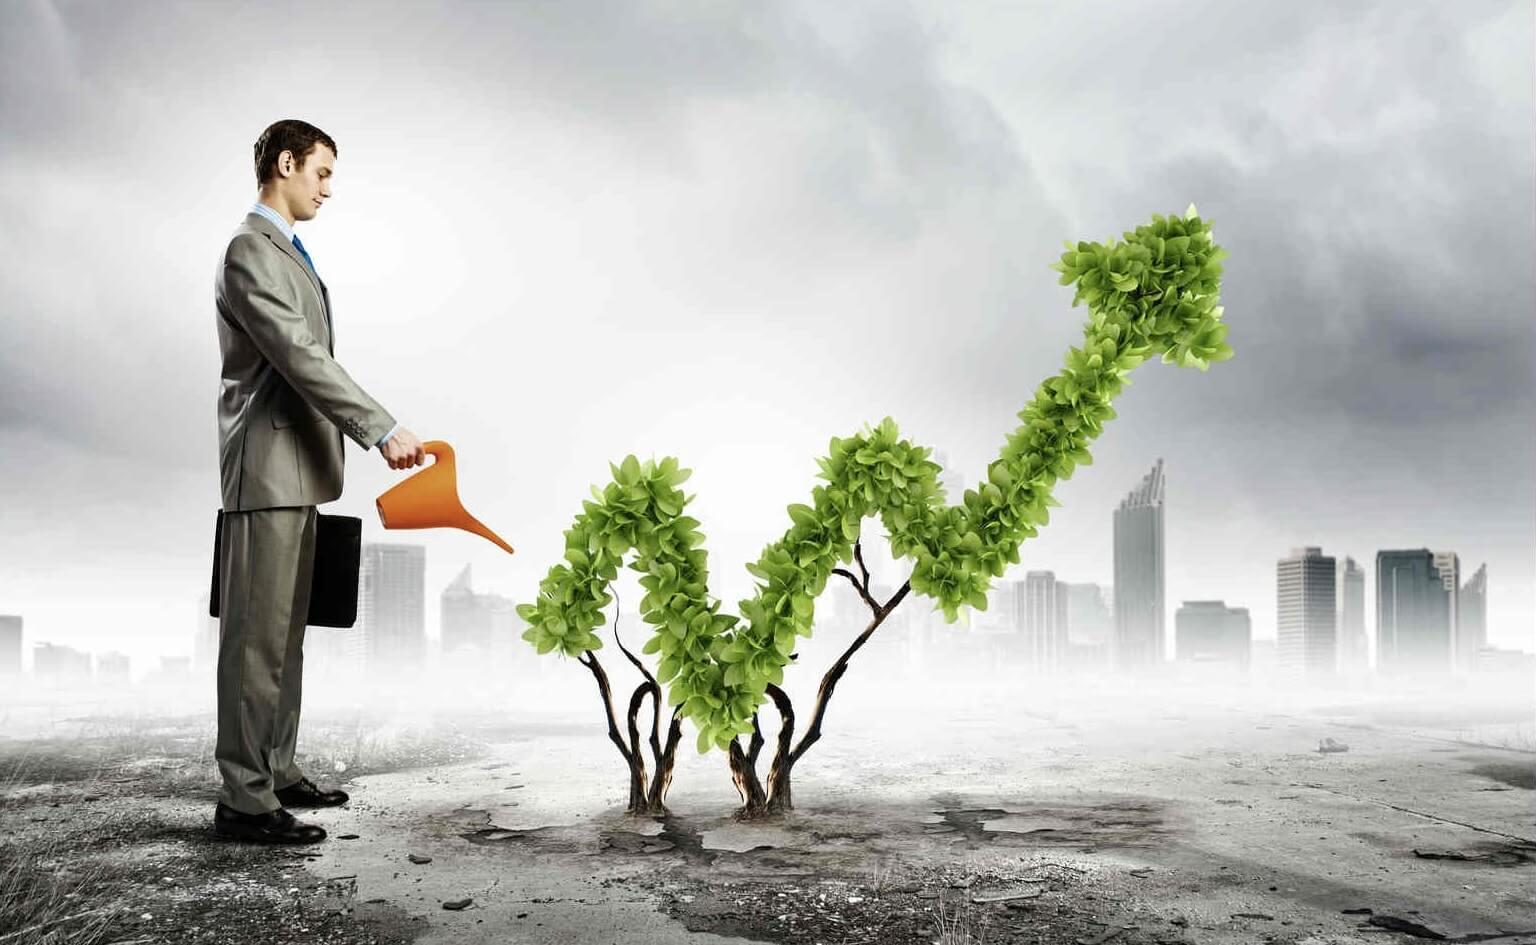 Инвестиции в бинарные опционы - сколько нужно вкладывать в торговлю бинарными опционами? Стоит ли вкладывать в торговлю бинарными опционами?